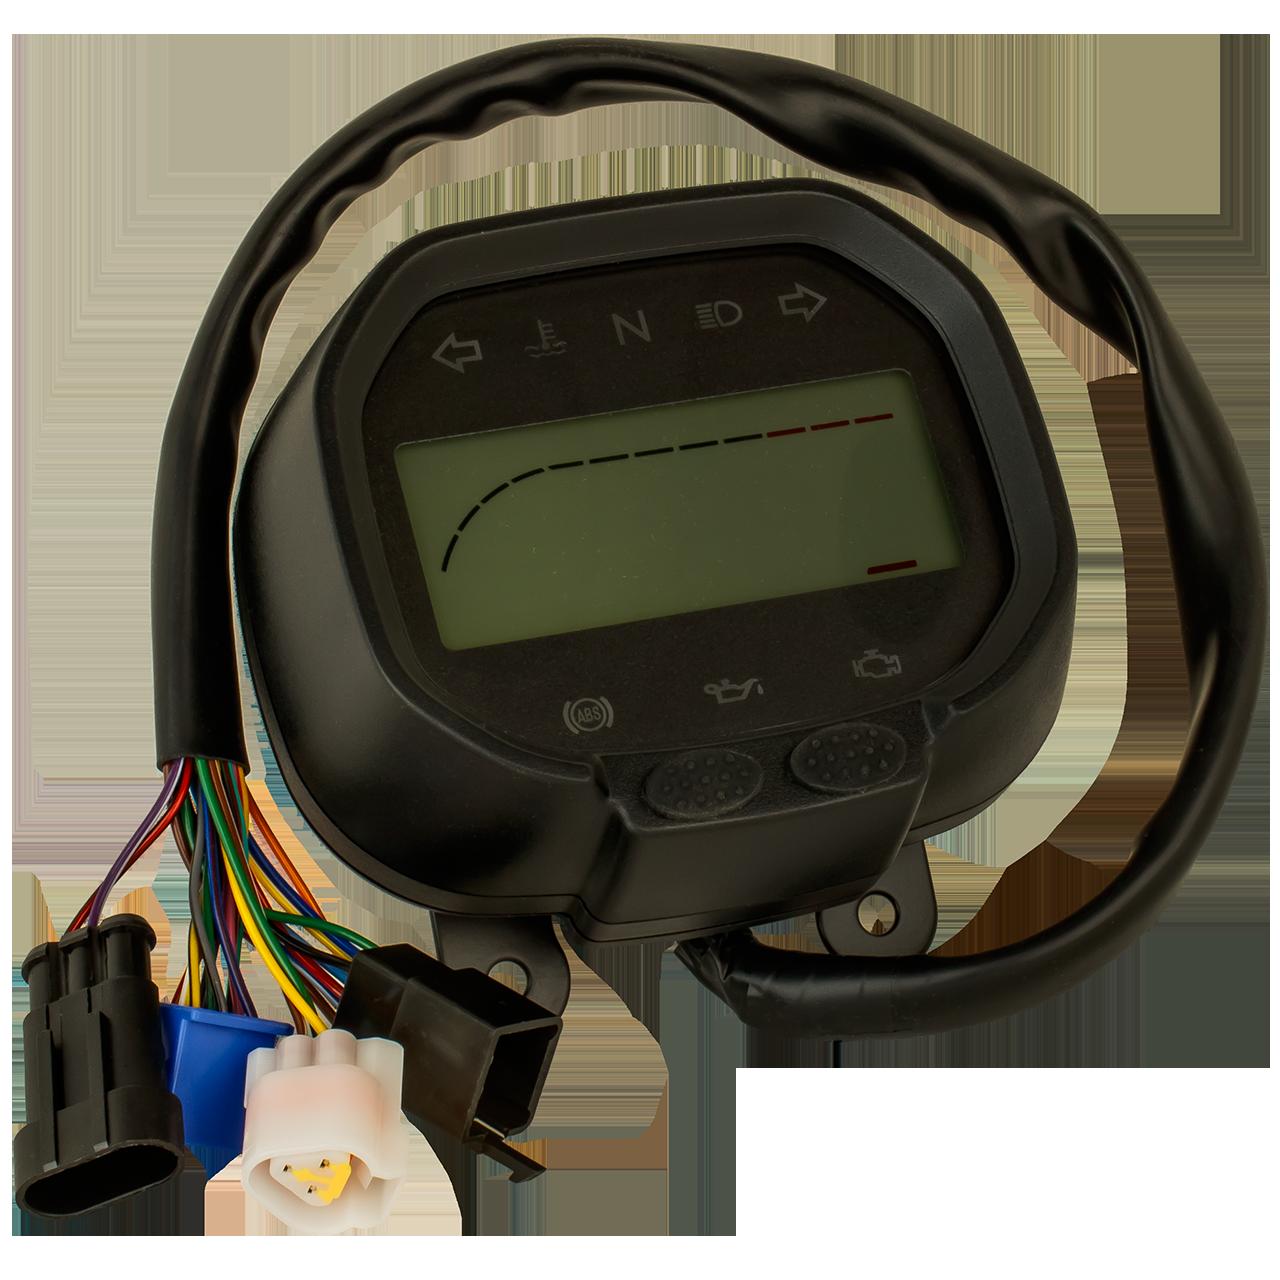 LX300-6H 300AC Панель приладів LCD, рідкокристалічний спідометр VOGE AC6 - 281371413-0001